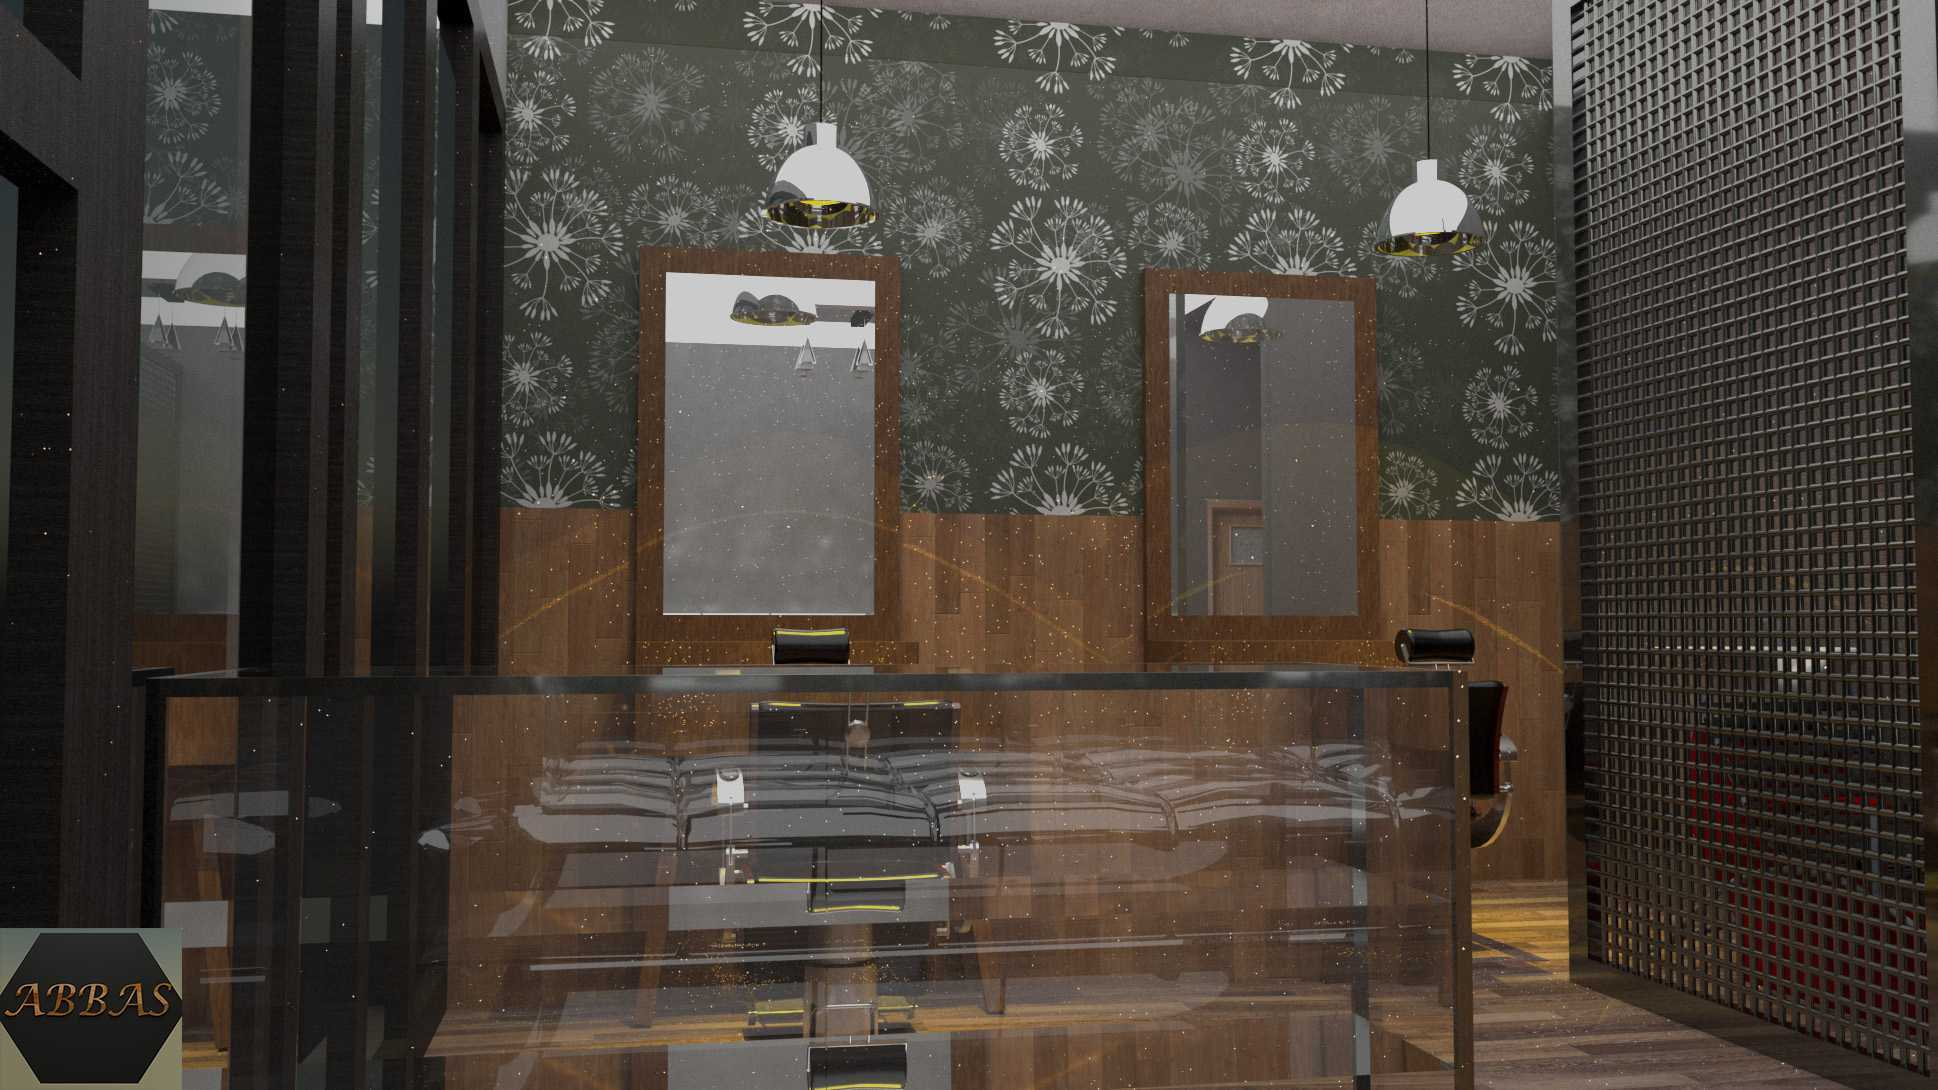 Abbasdc Desain Interior Barbershop Blb Metro, Kota Metro, Lampung, Indonesia Metro, Kota Metro, Lampung, Indonesia Abbasdc-Desain-Interior-Barbershop-Milik-Bapak-Lingga-B   59067